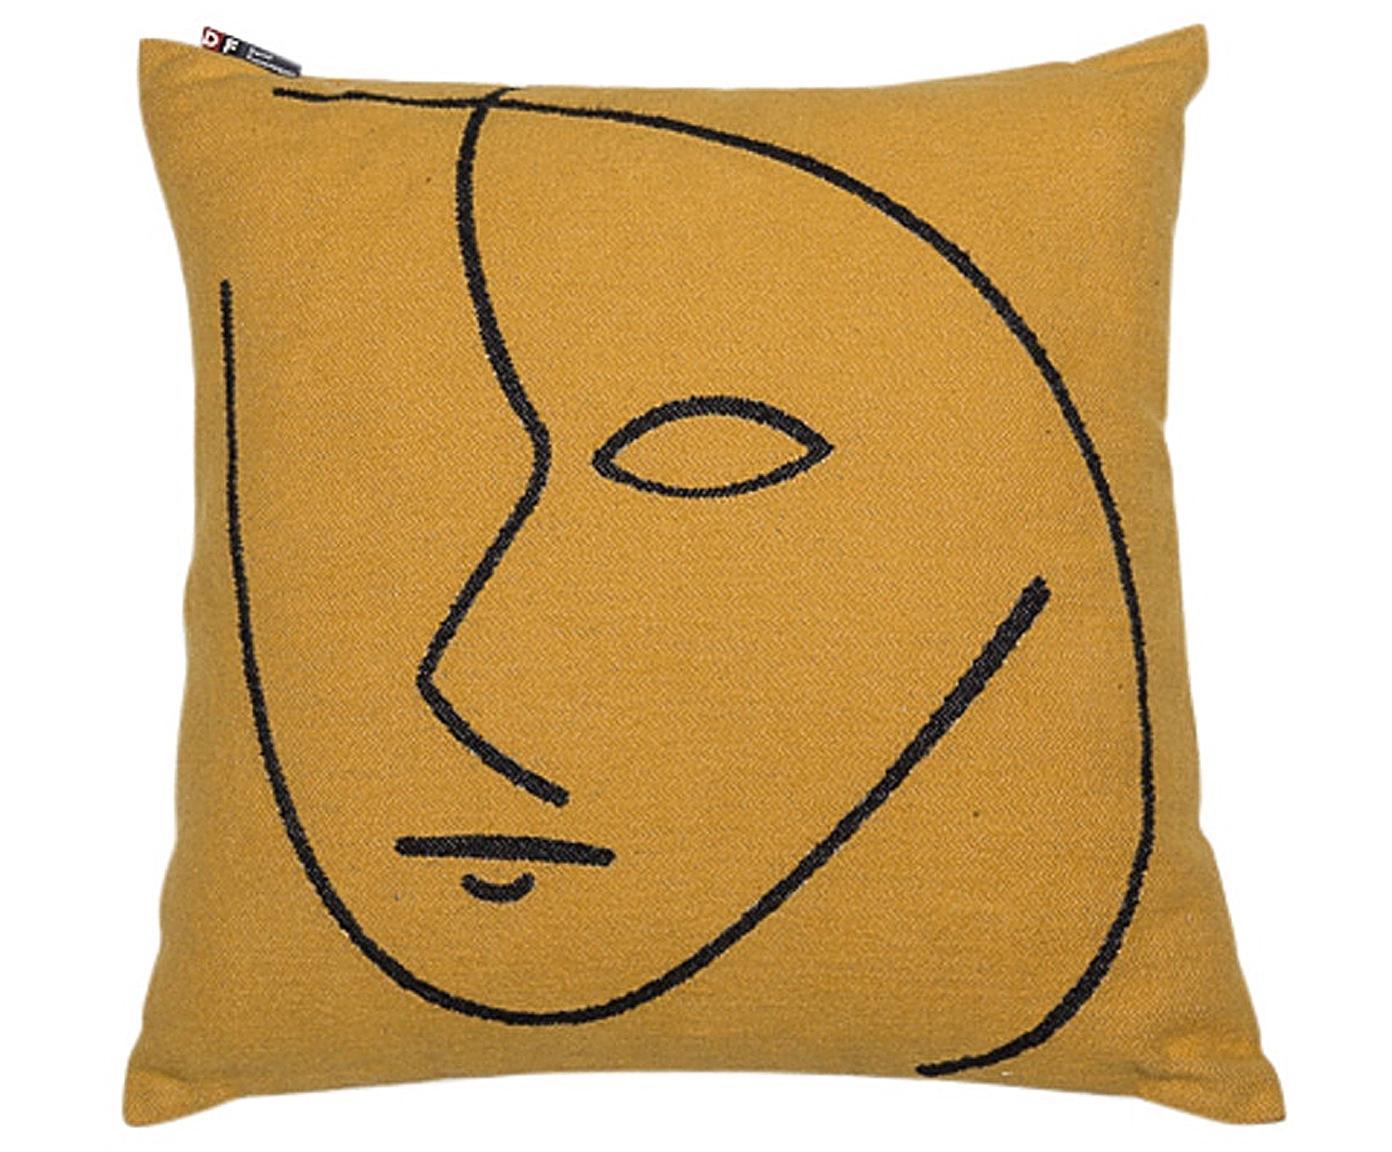 Poduszka z wypełnieniem Nova Face, Tapicerka: 85% bawełna, 8% wiskoza, , Żółty, czarny, S 50 x D 50 cm